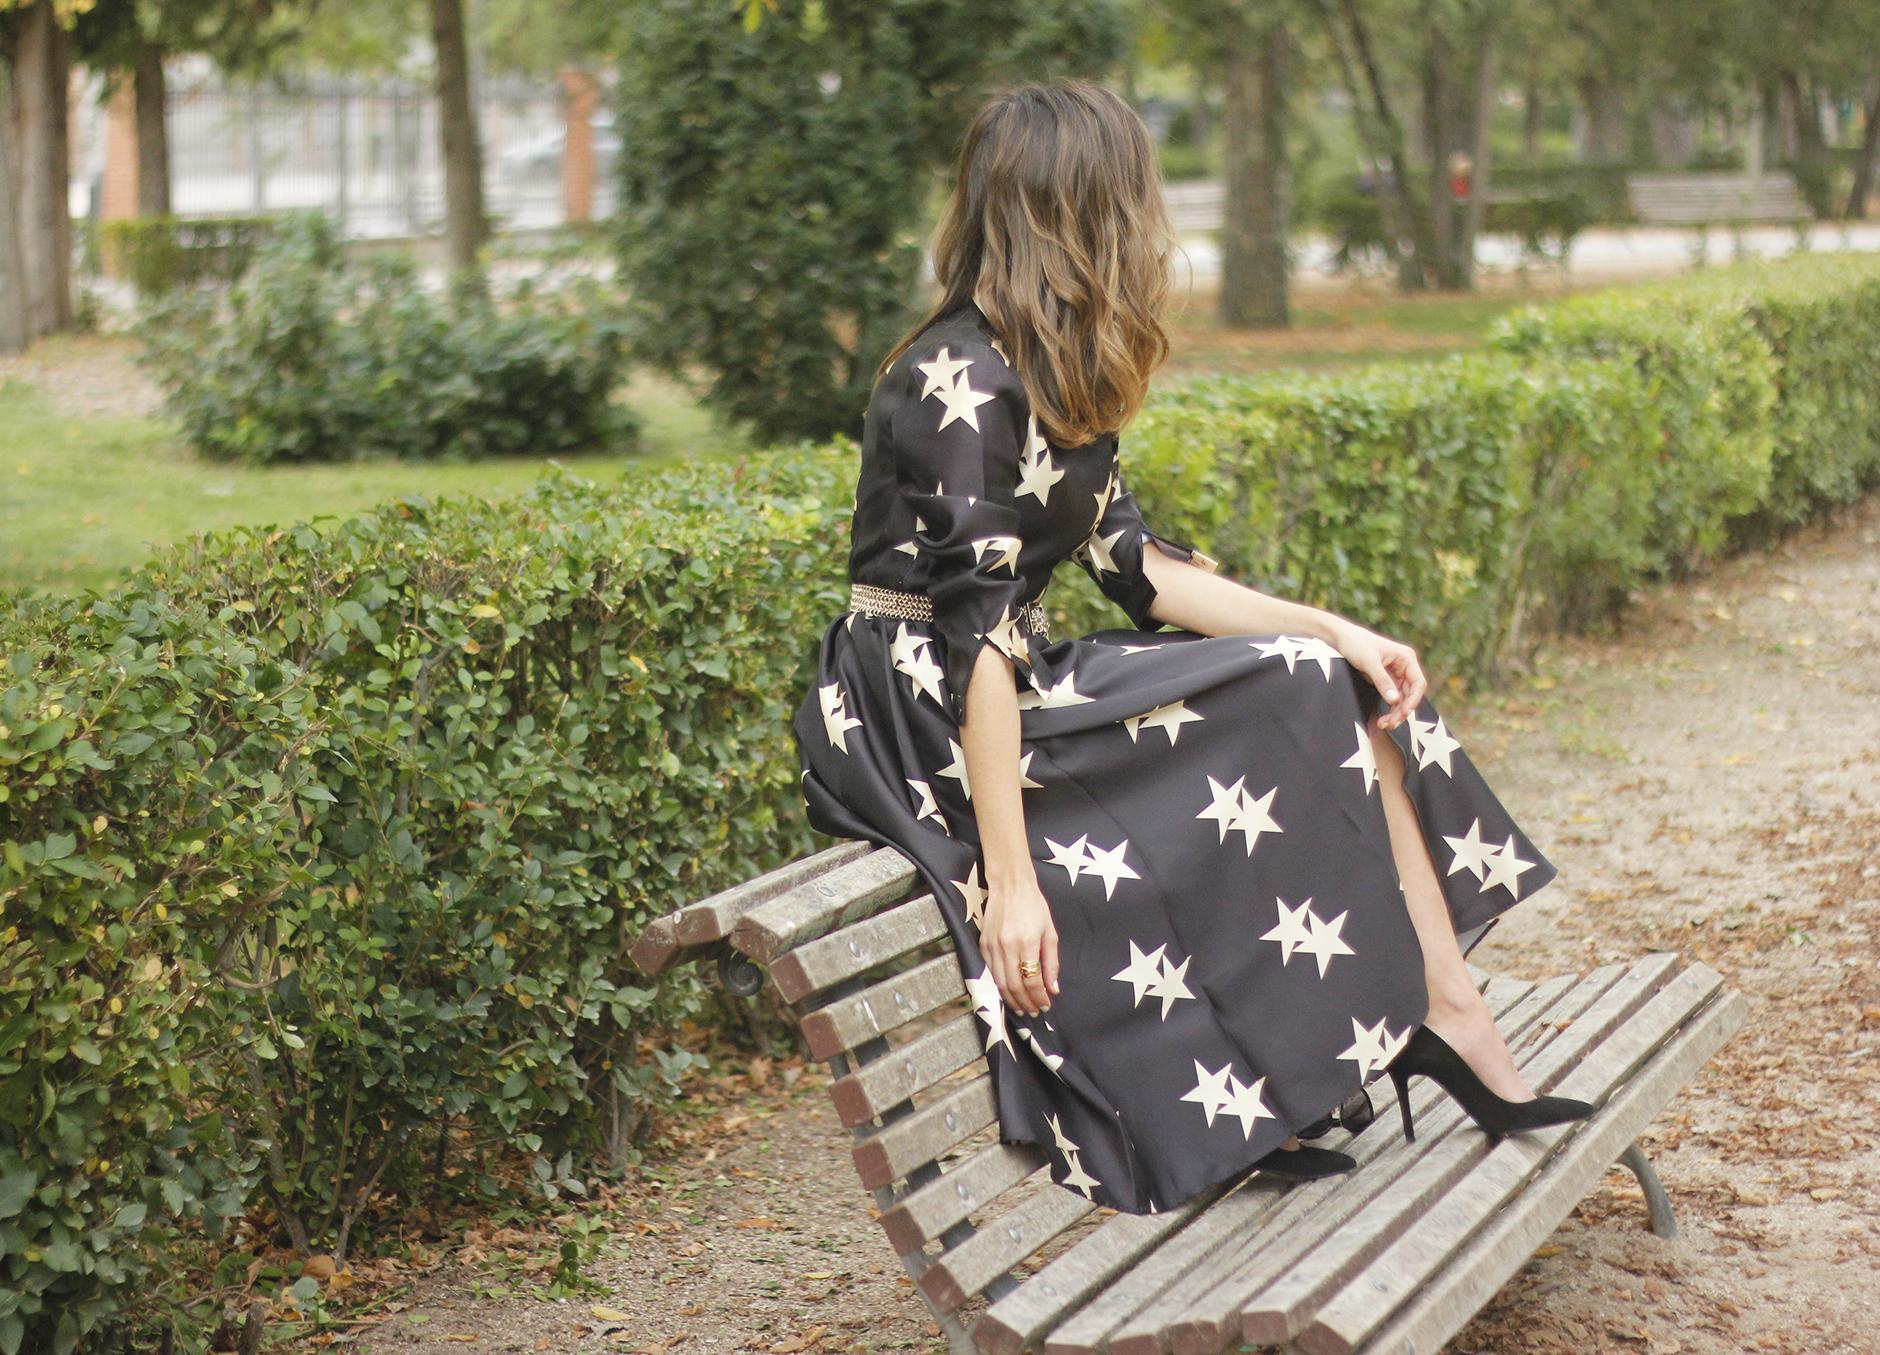 Star Print Dress sunnies heels outfit22